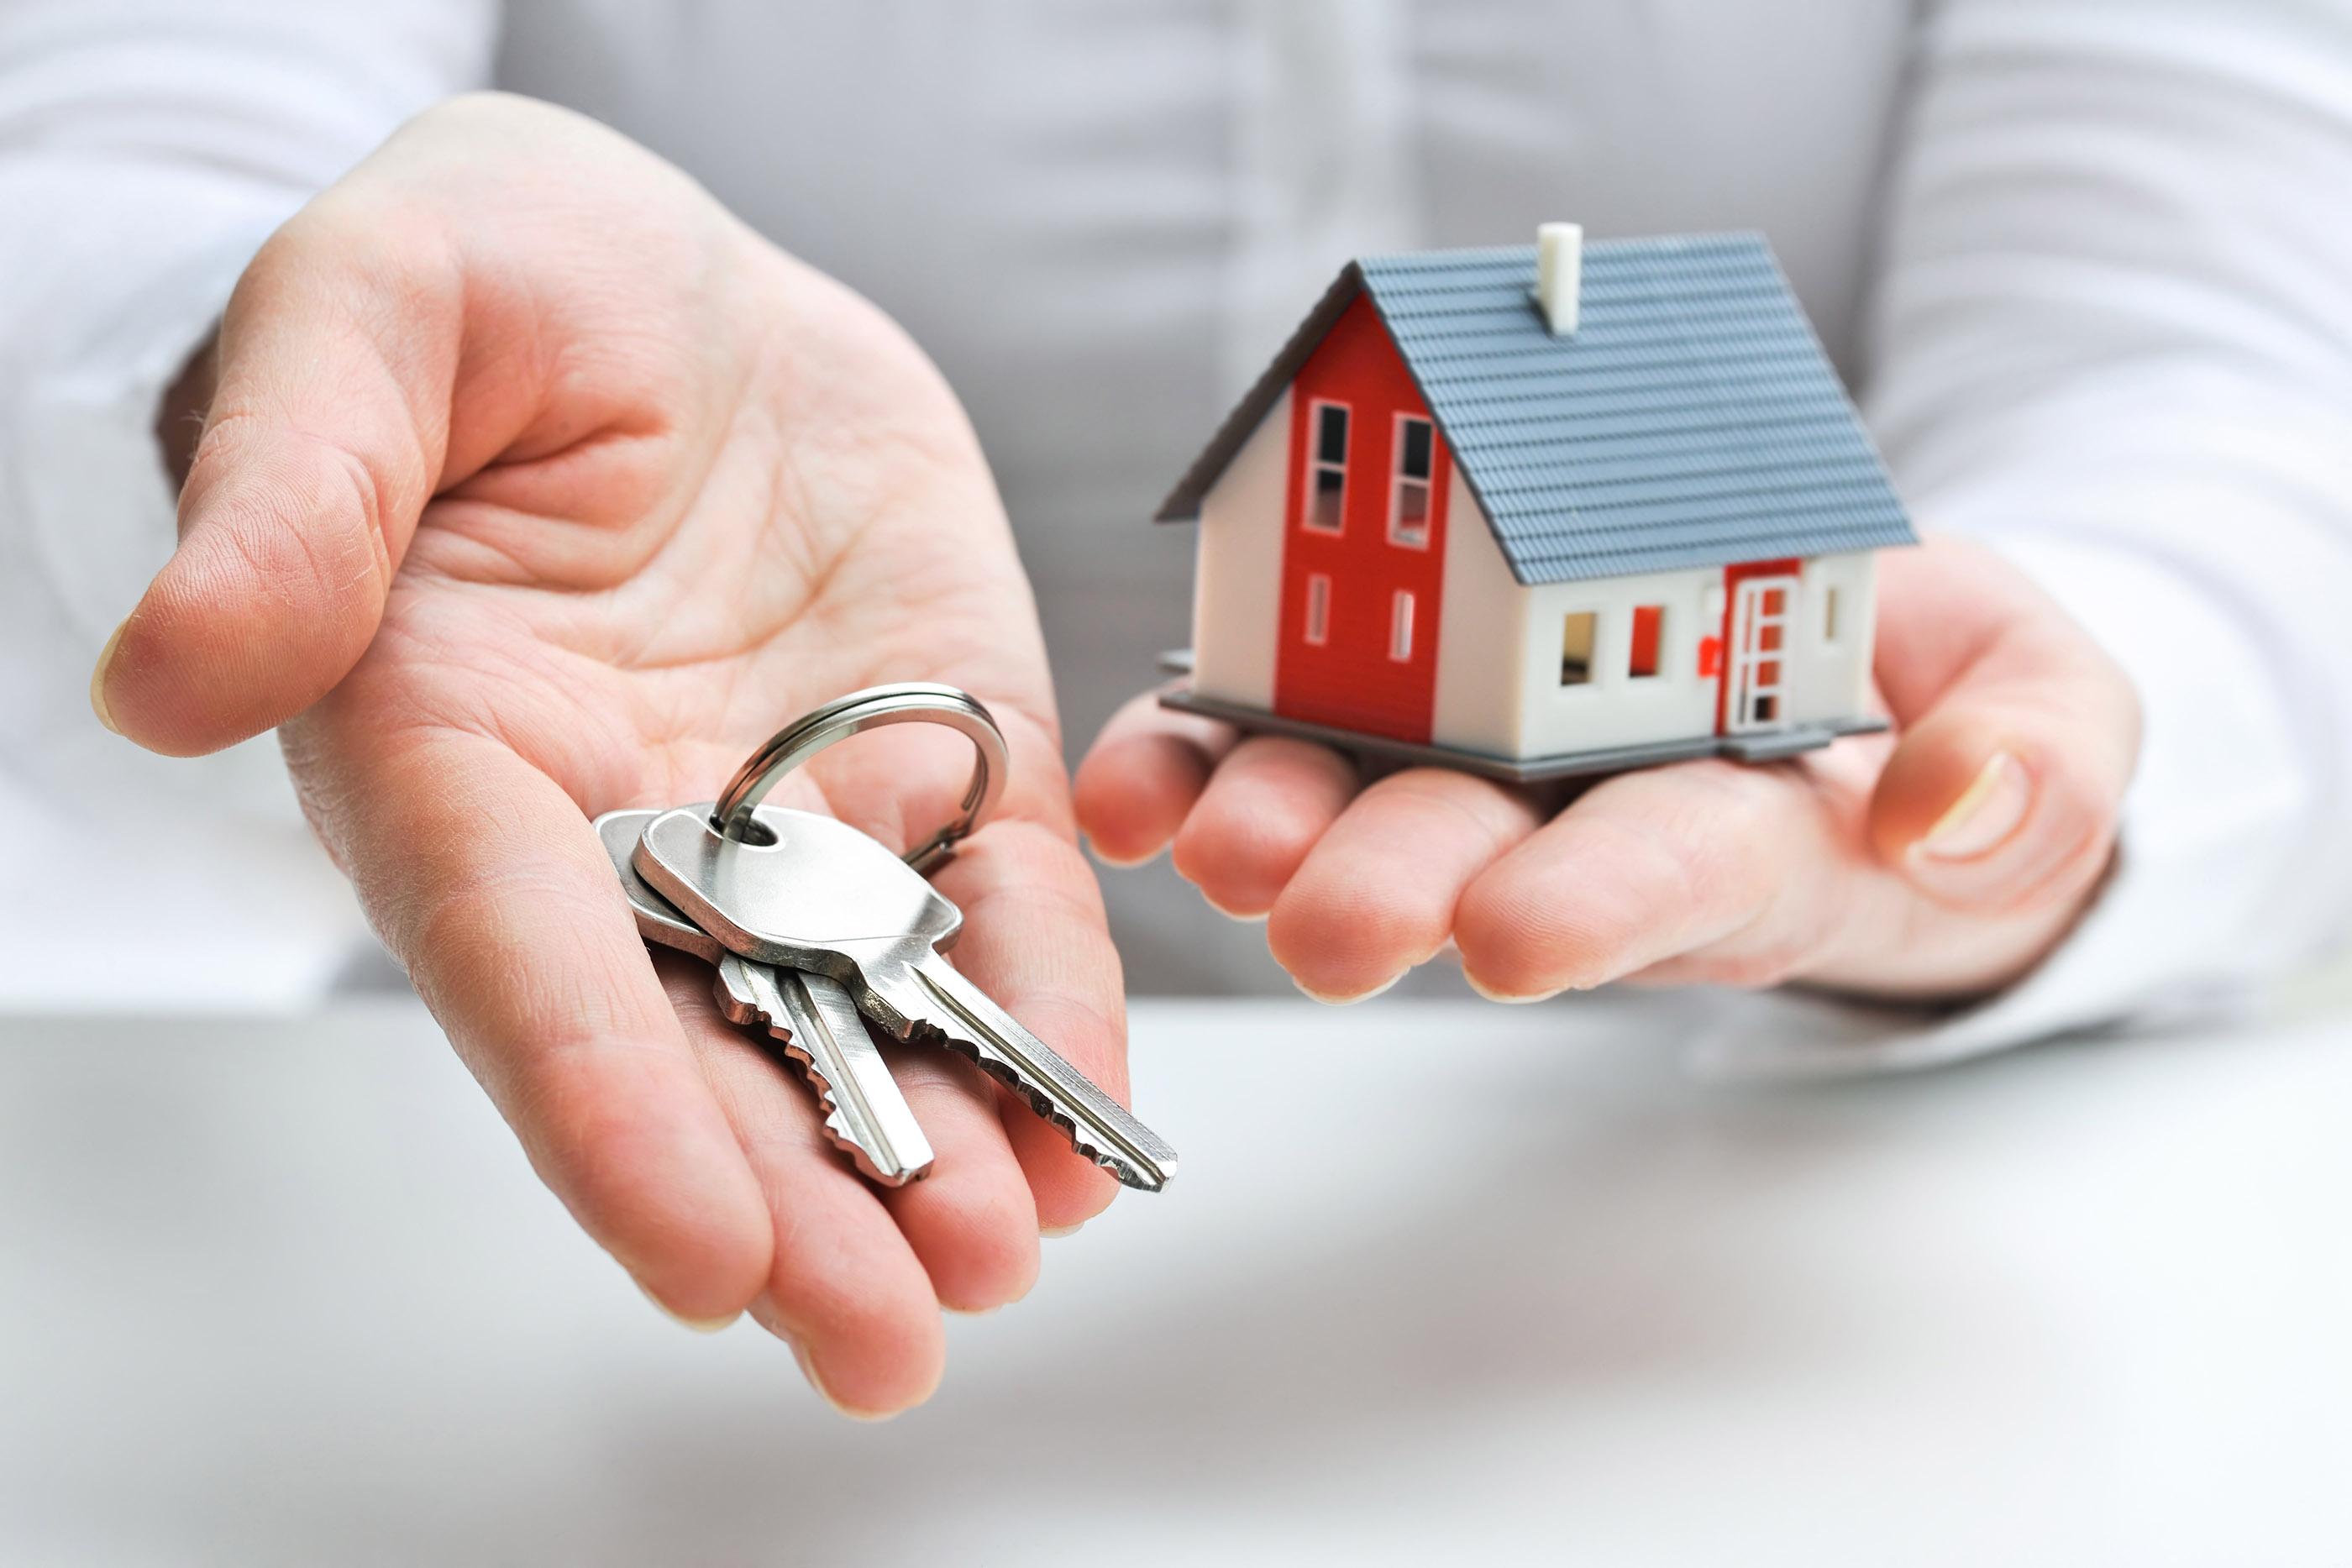 Contacter une agence immobilière pour vendre une maison